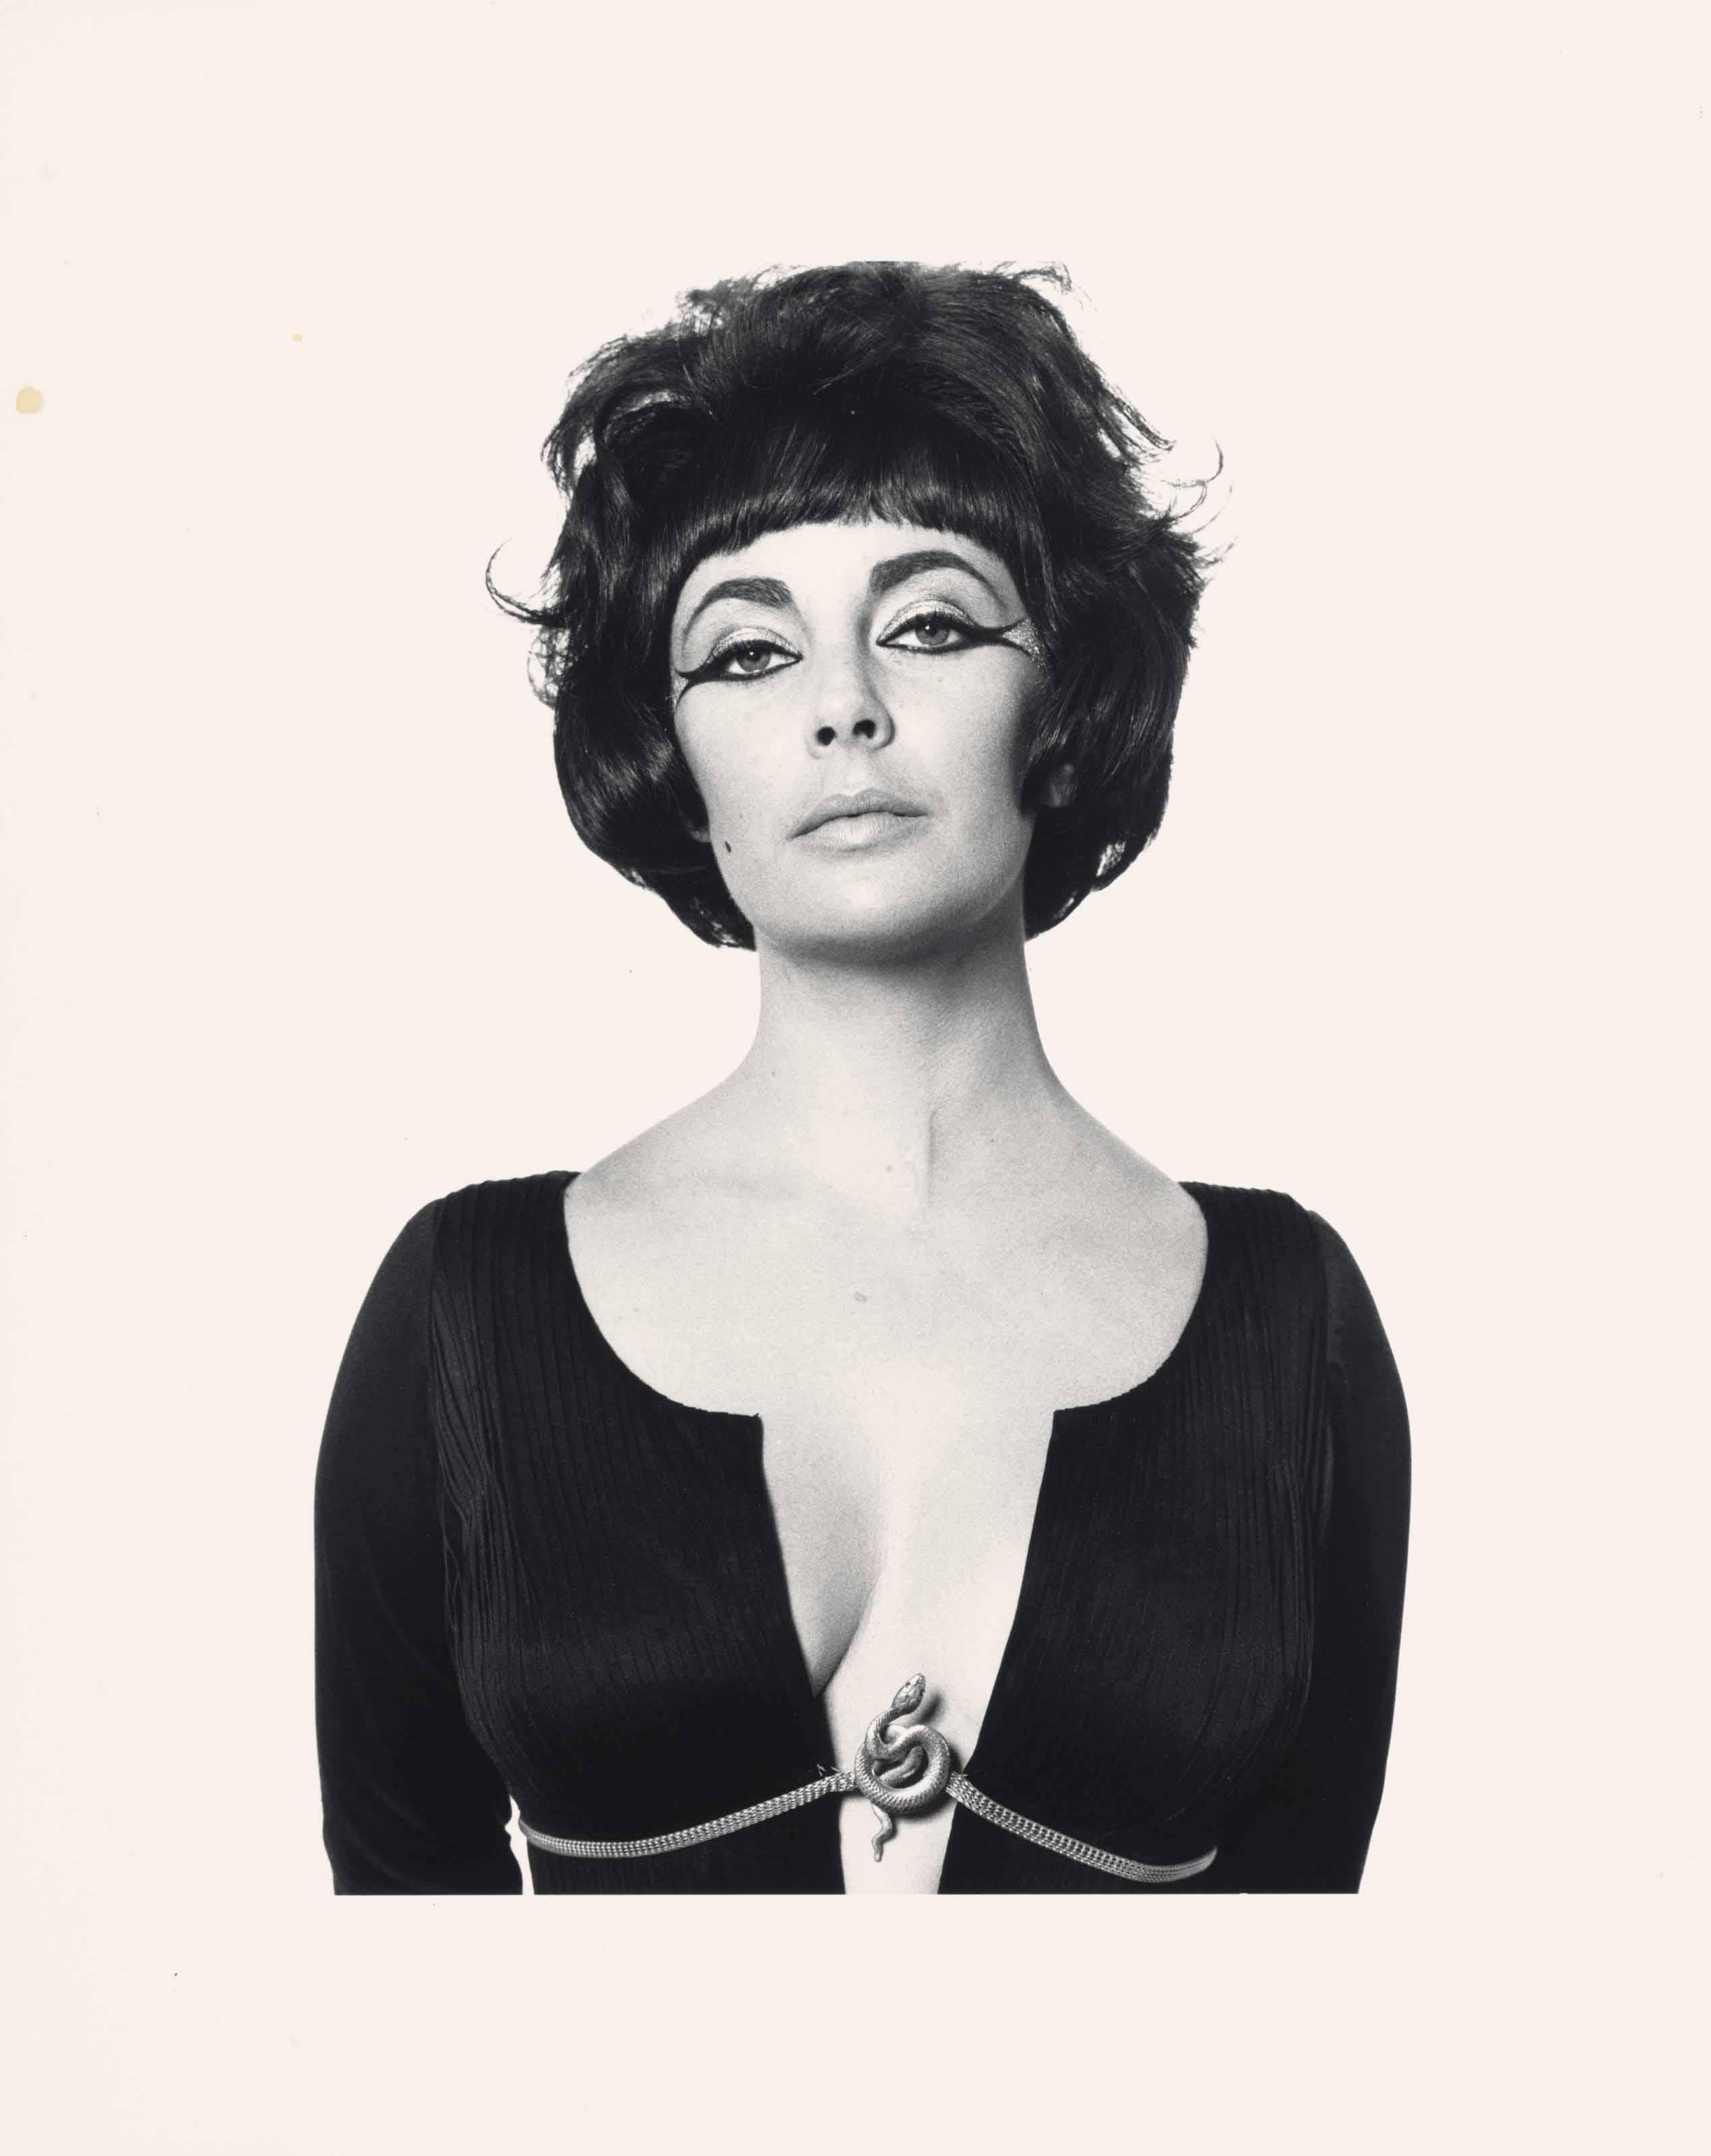 Elizabeth Taylor as Cleopatra, 1962